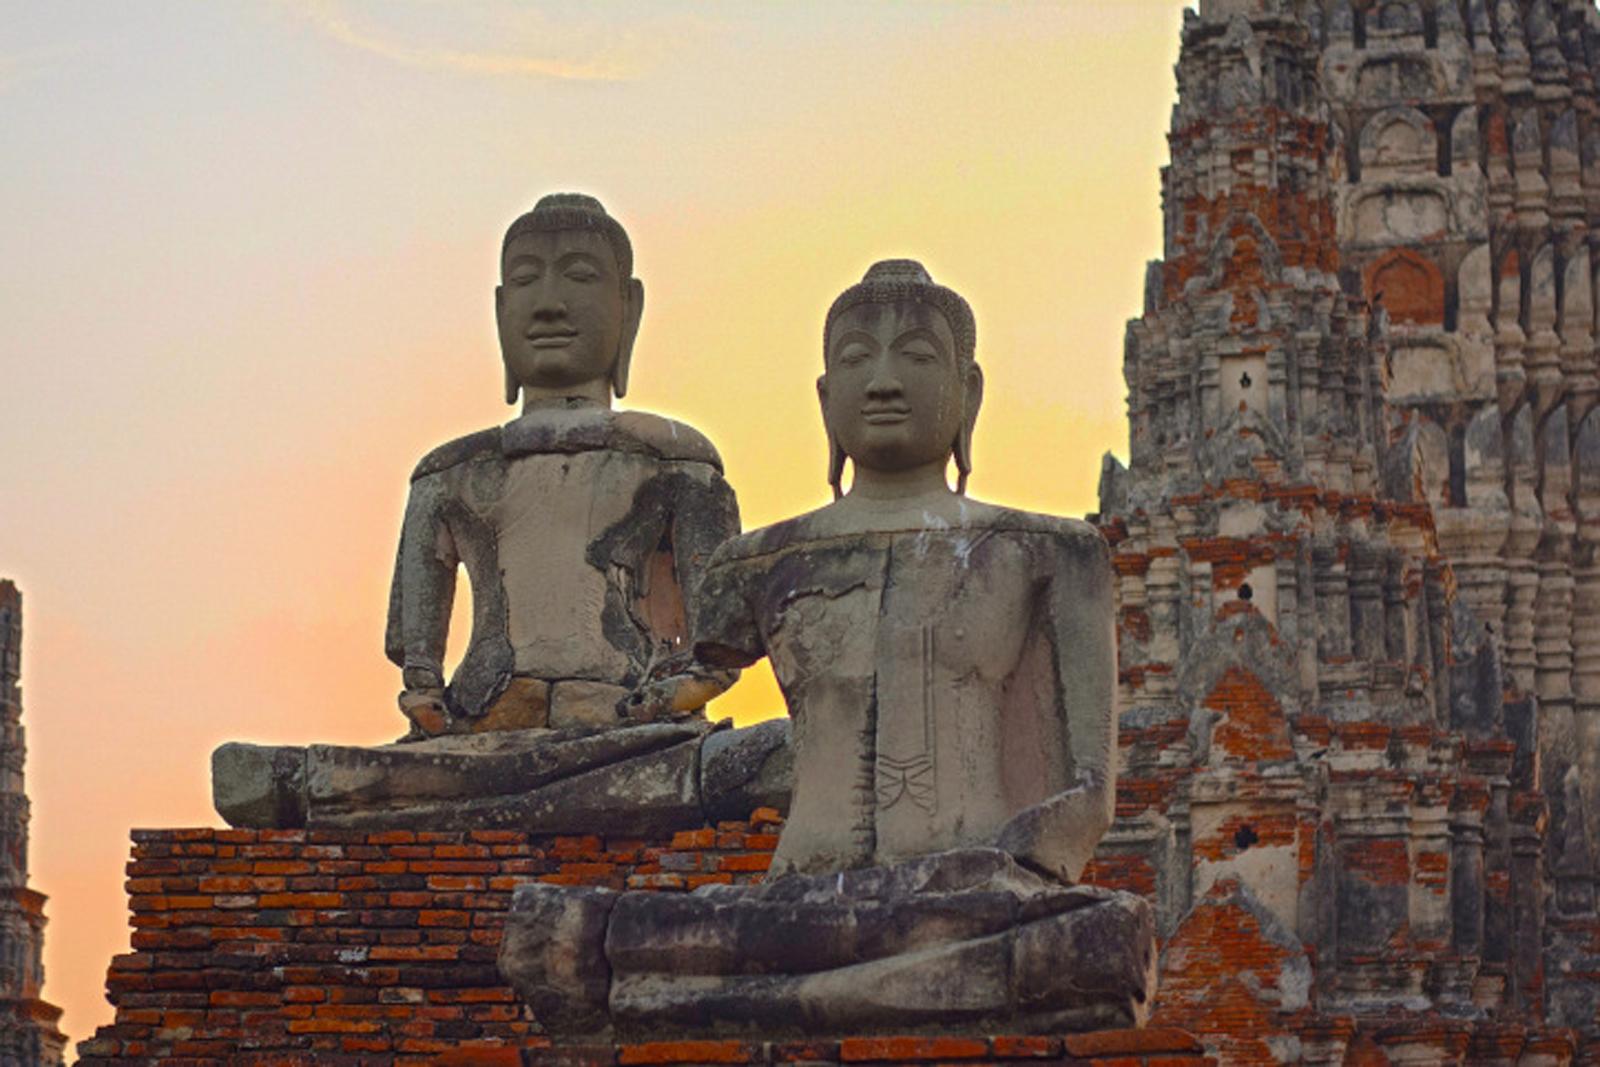 Estátuas de ruinas de um templo em Ayutthaya